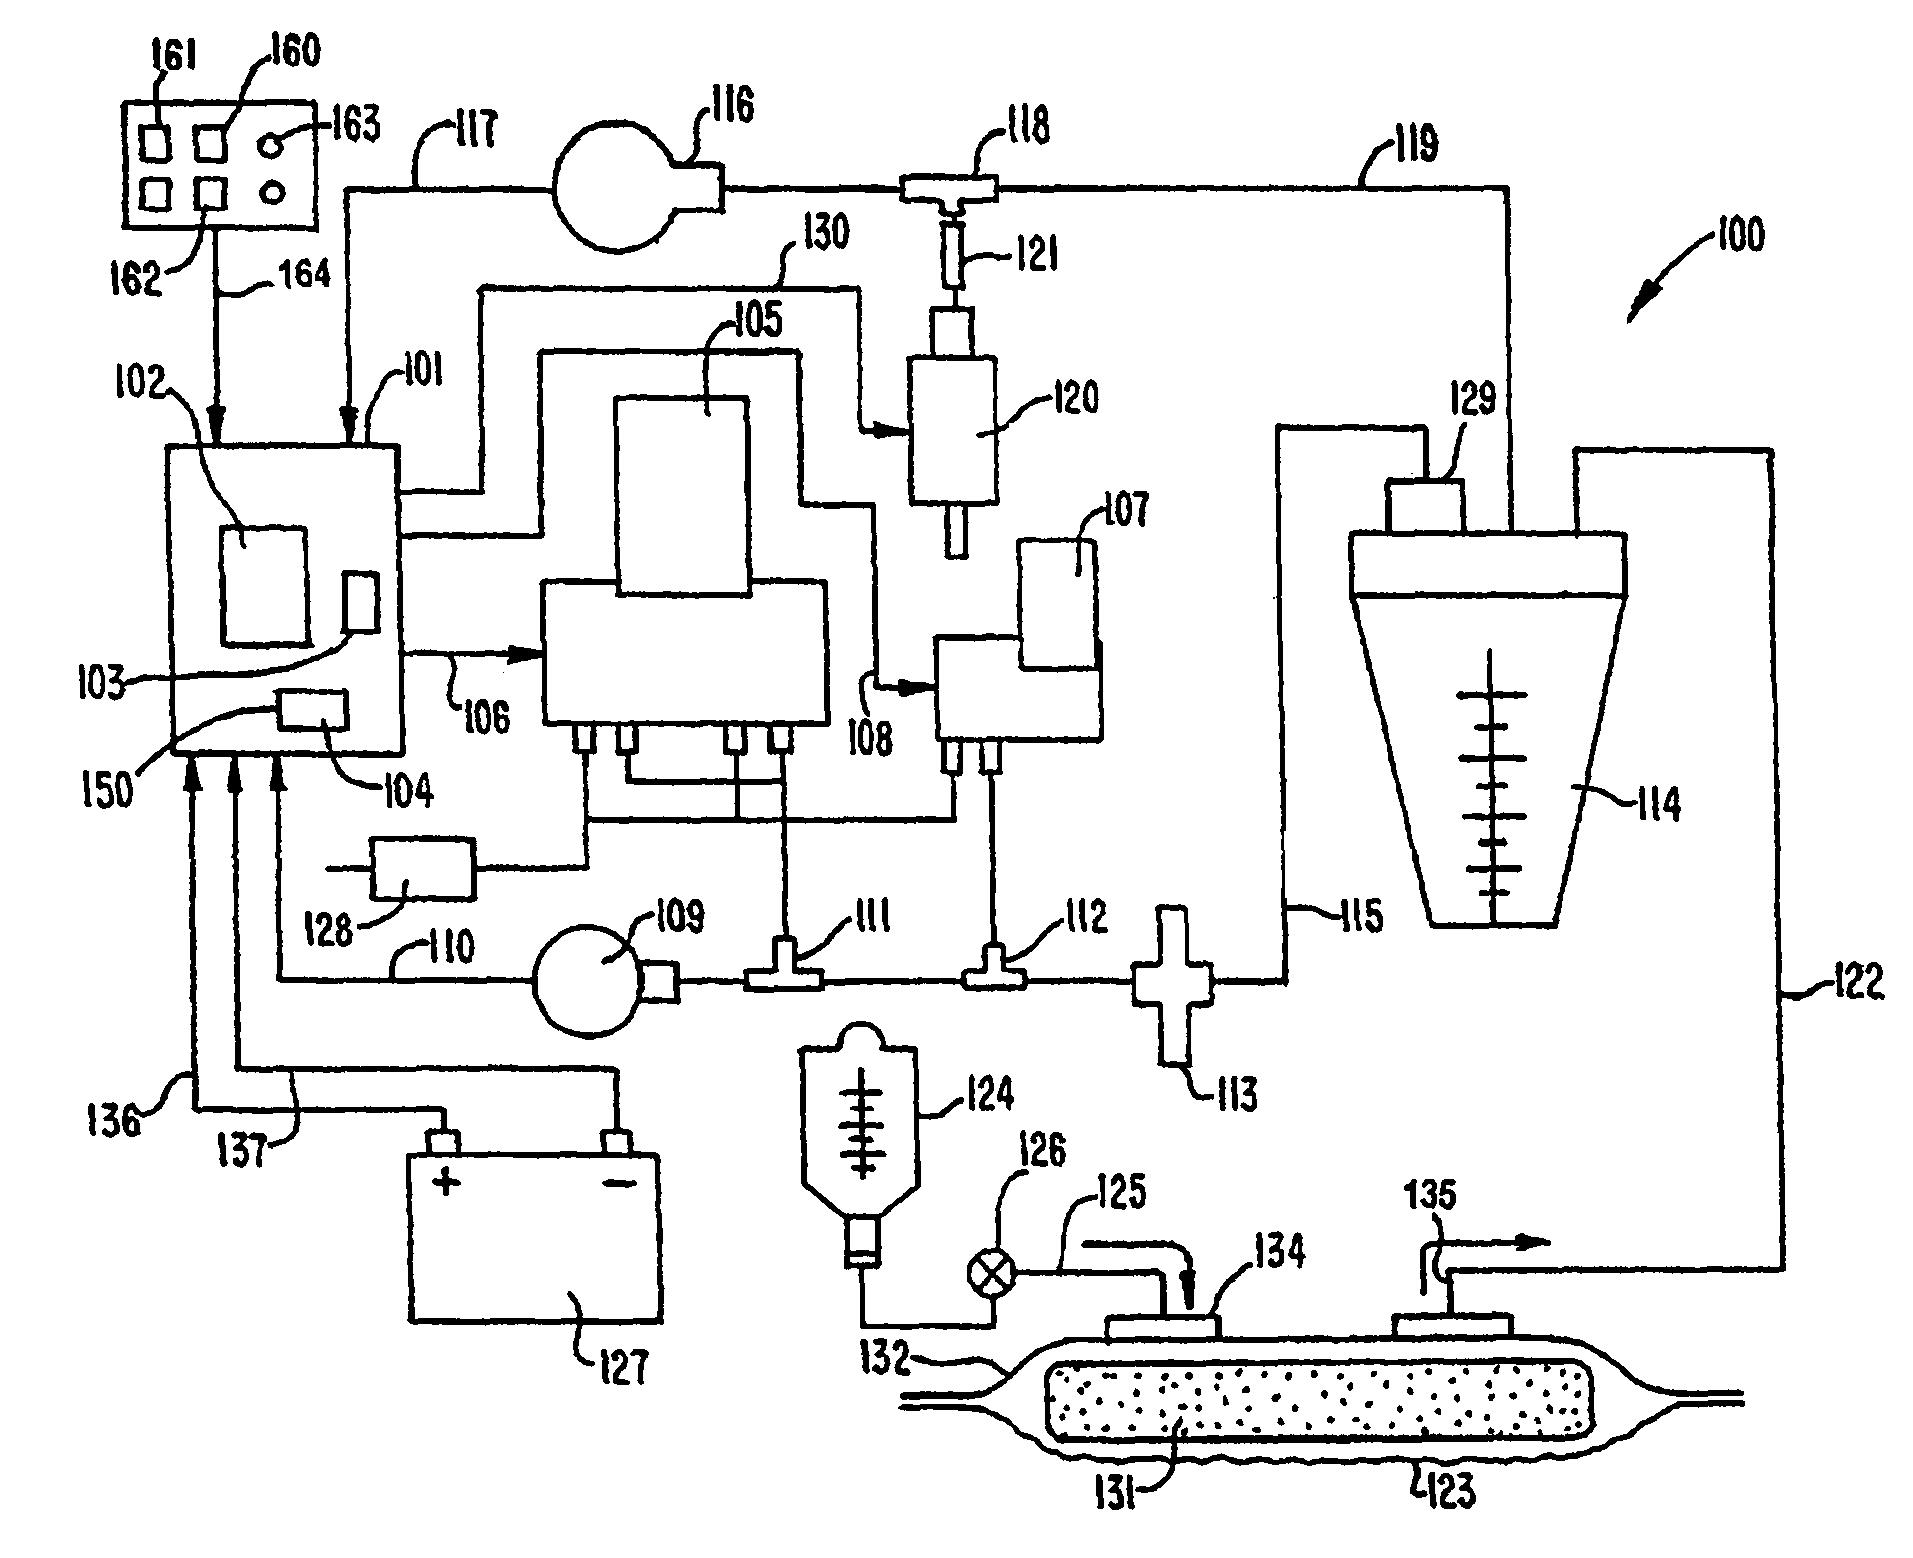 Toro 252 h wiring diagram